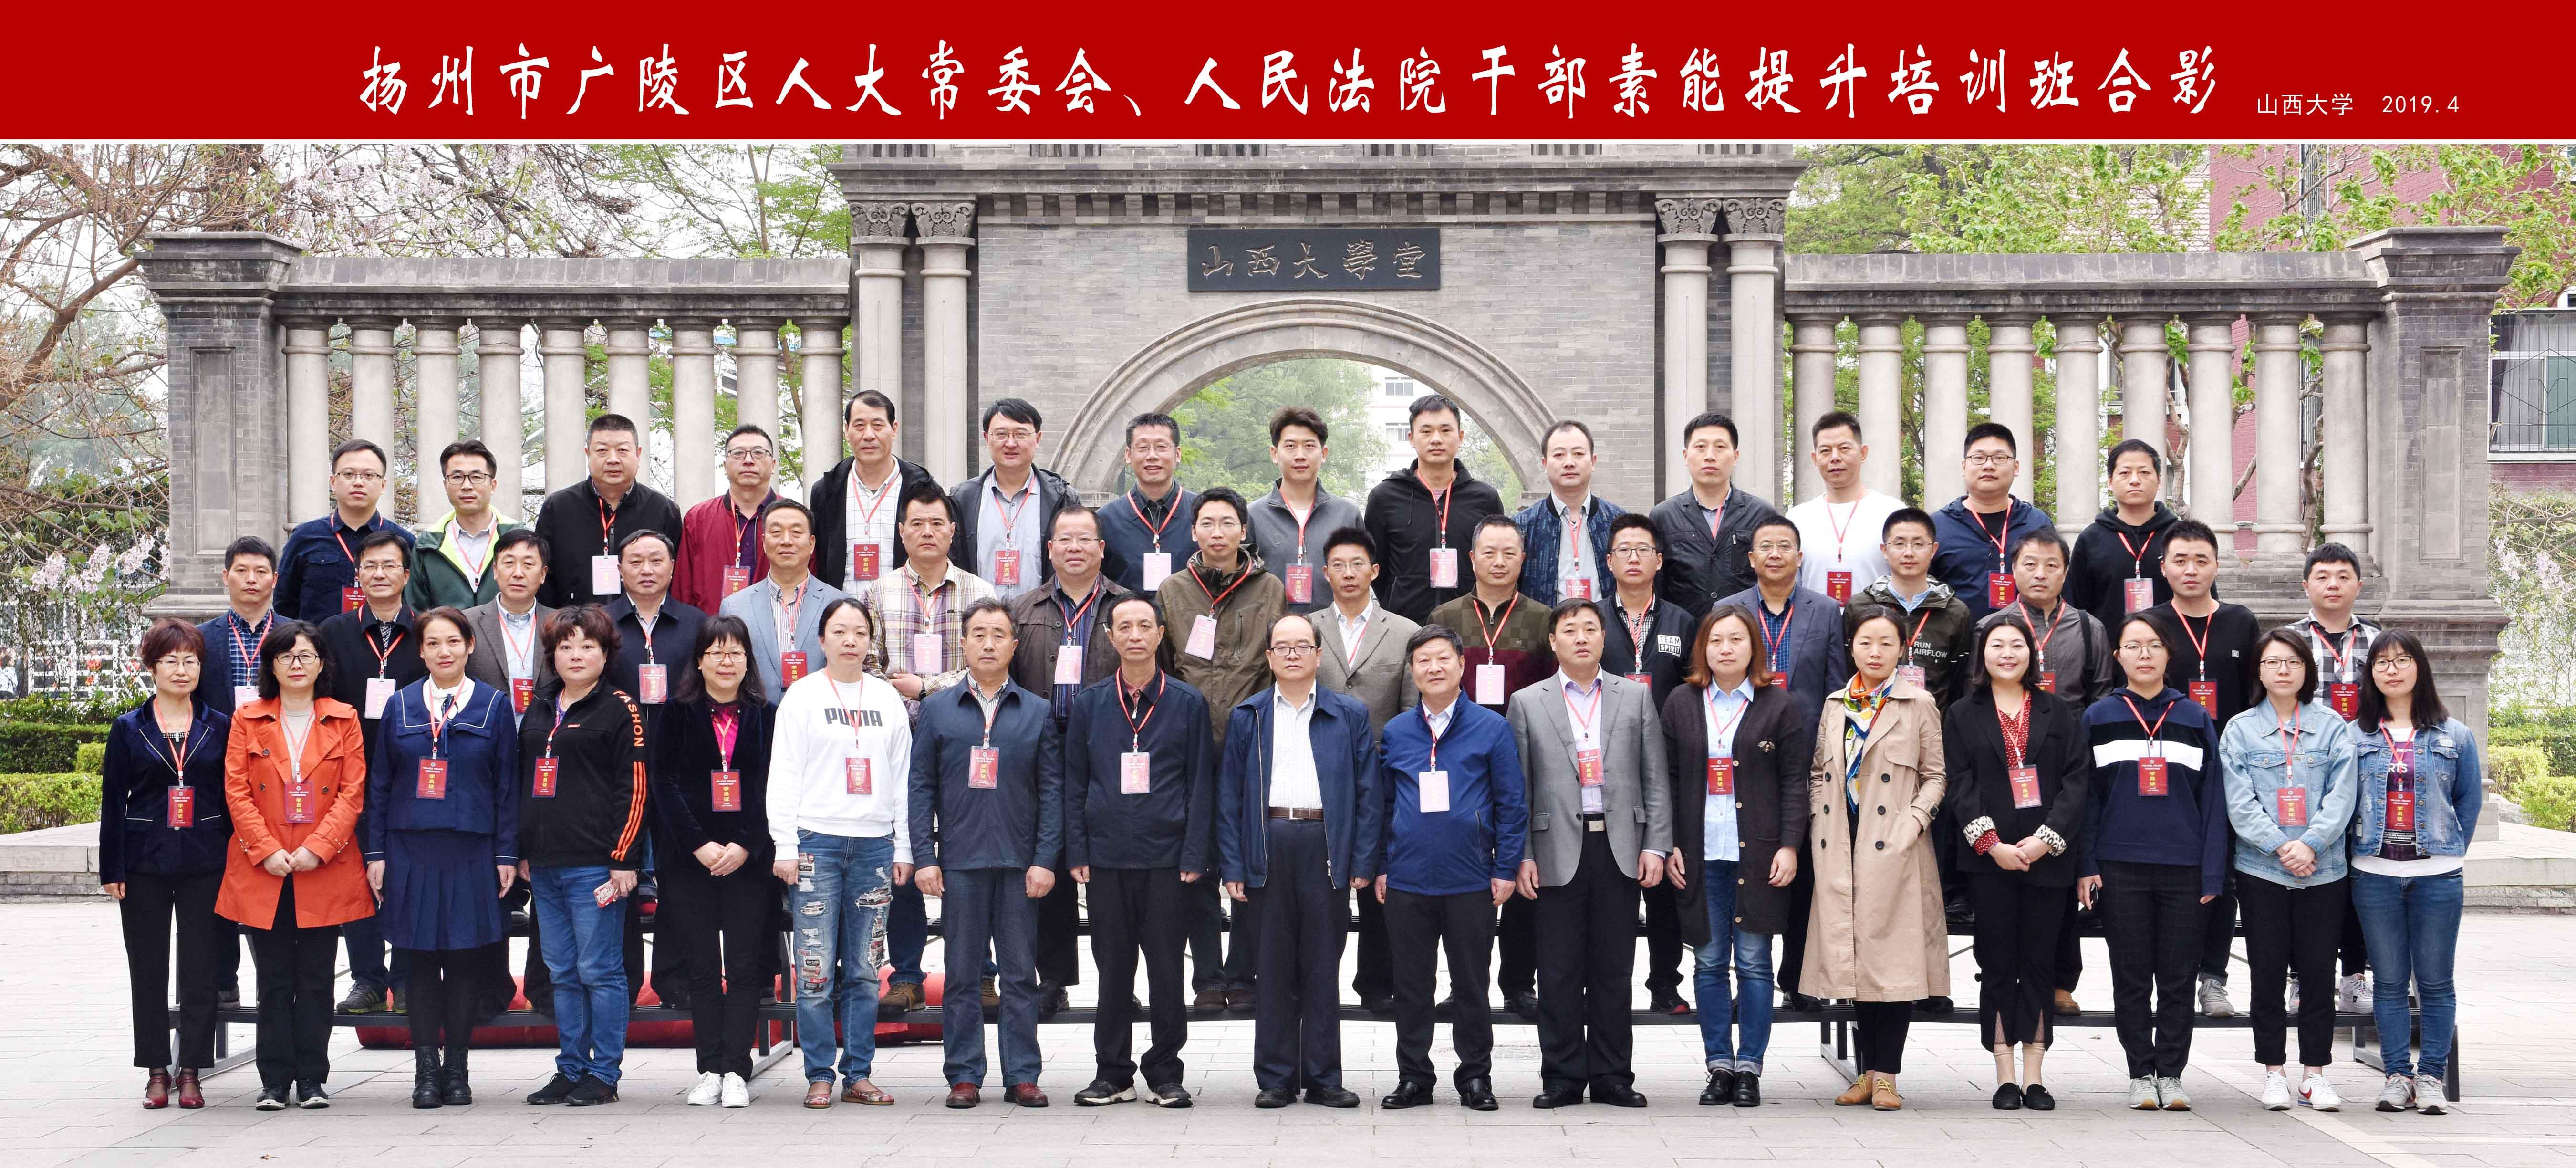 学院成功举办扬州市广陵区人大常委会、人民法院干部素能提升培训班